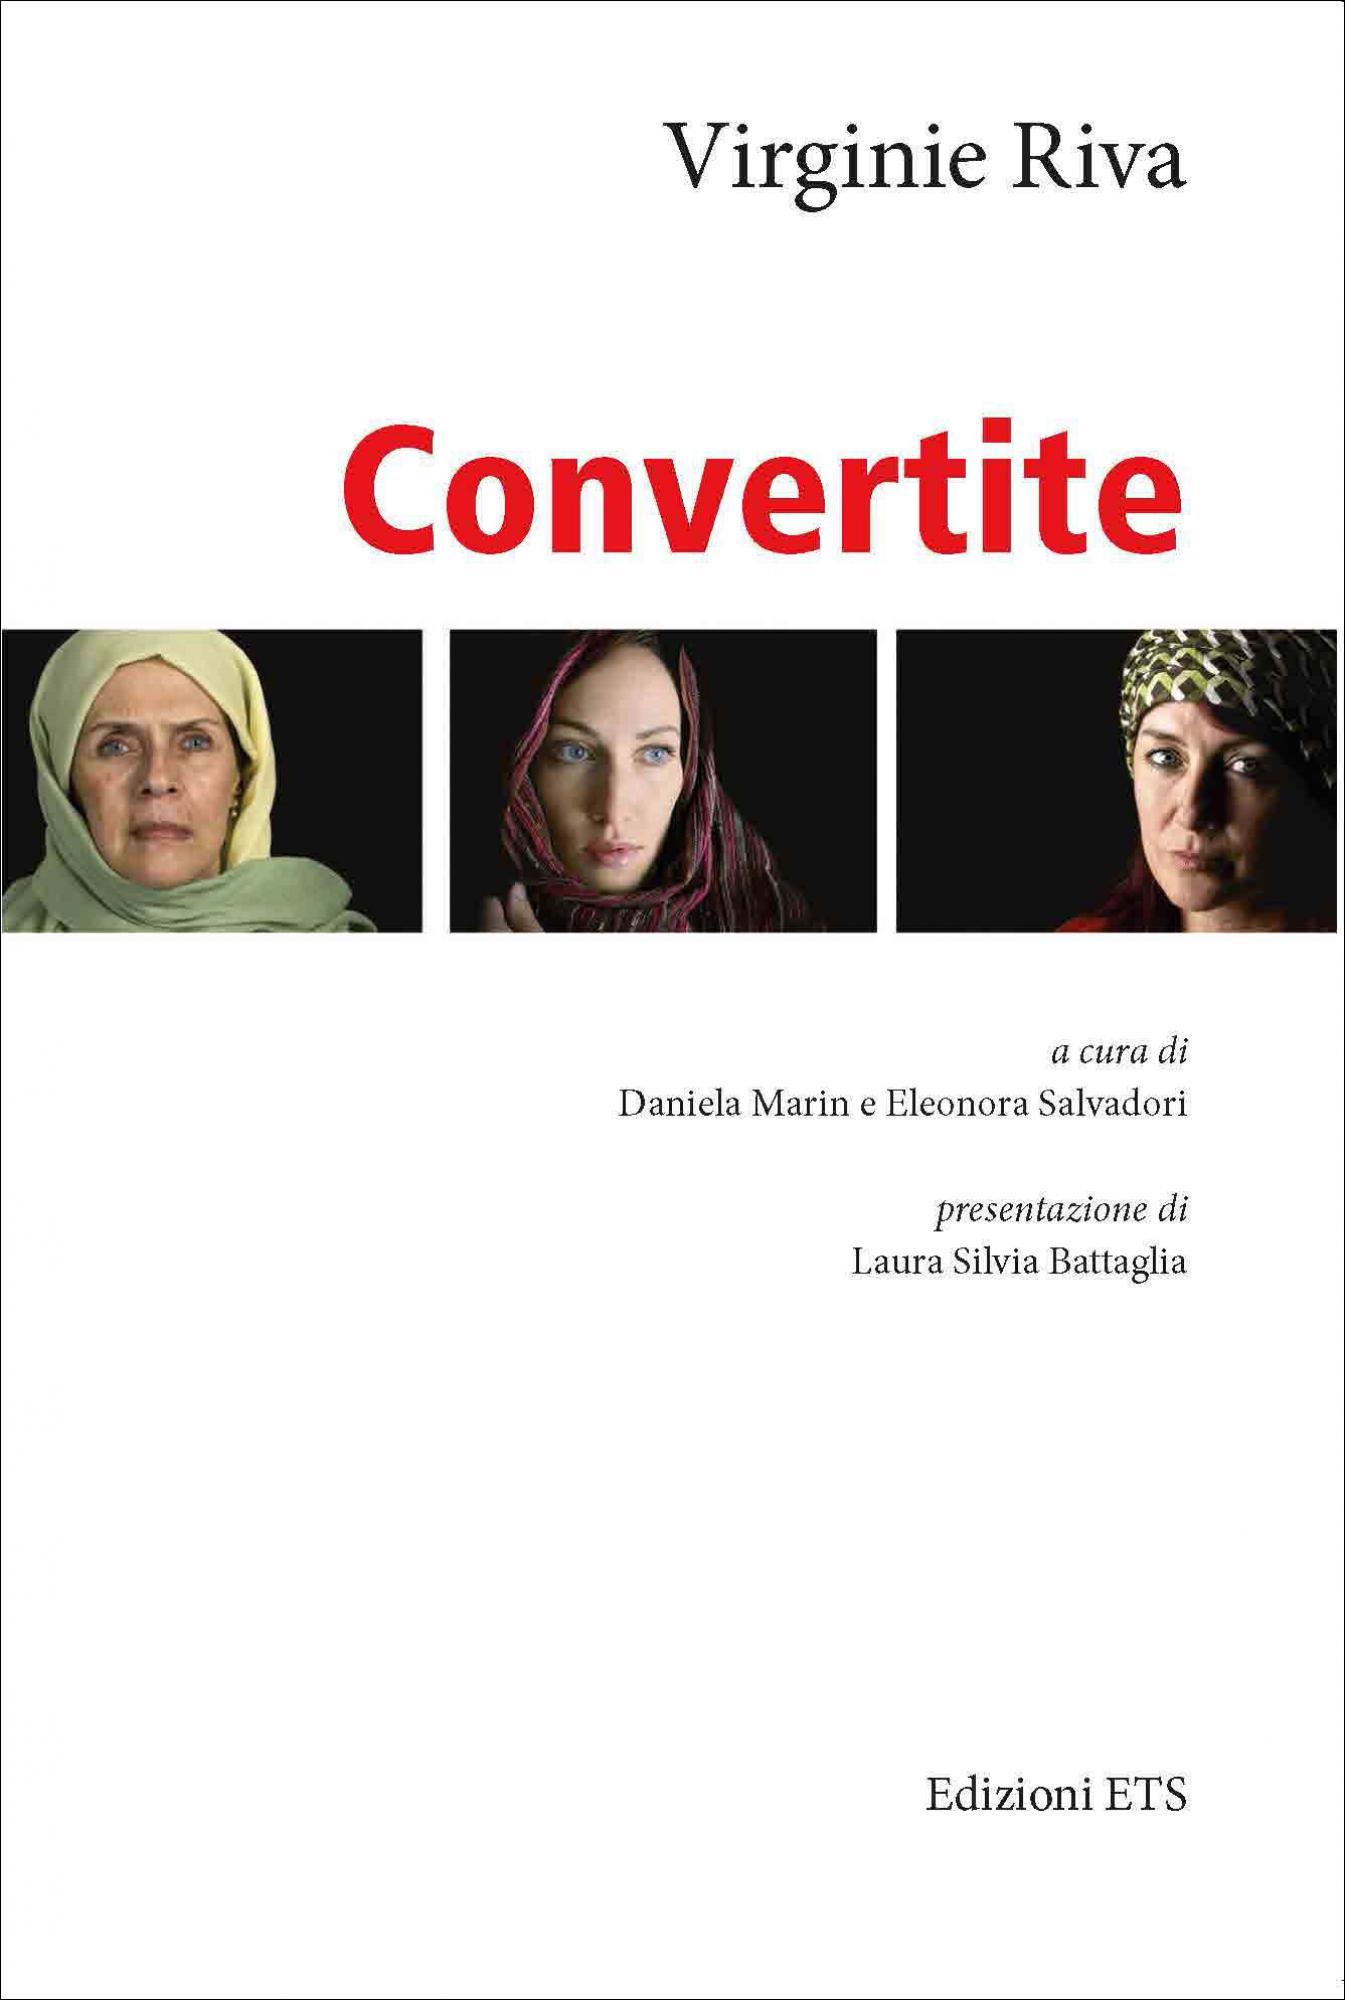 Convertite